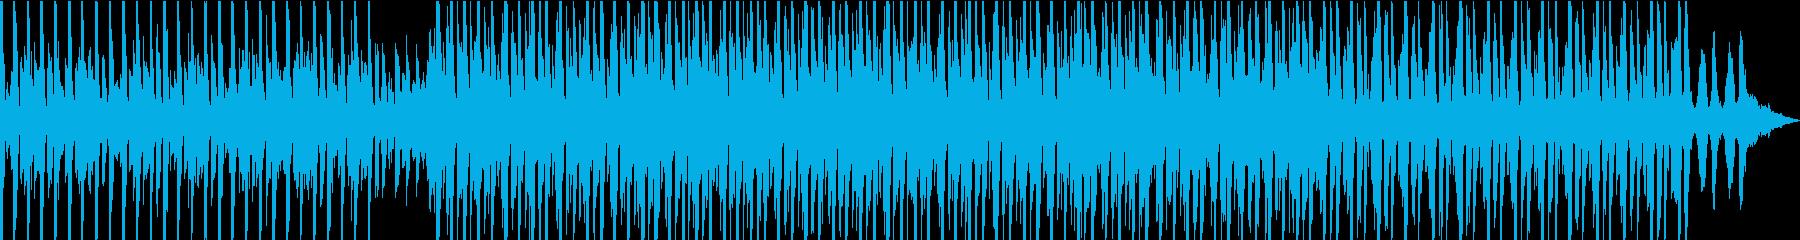 心地よいダンス/ハウス/エレクトロ...の再生済みの波形